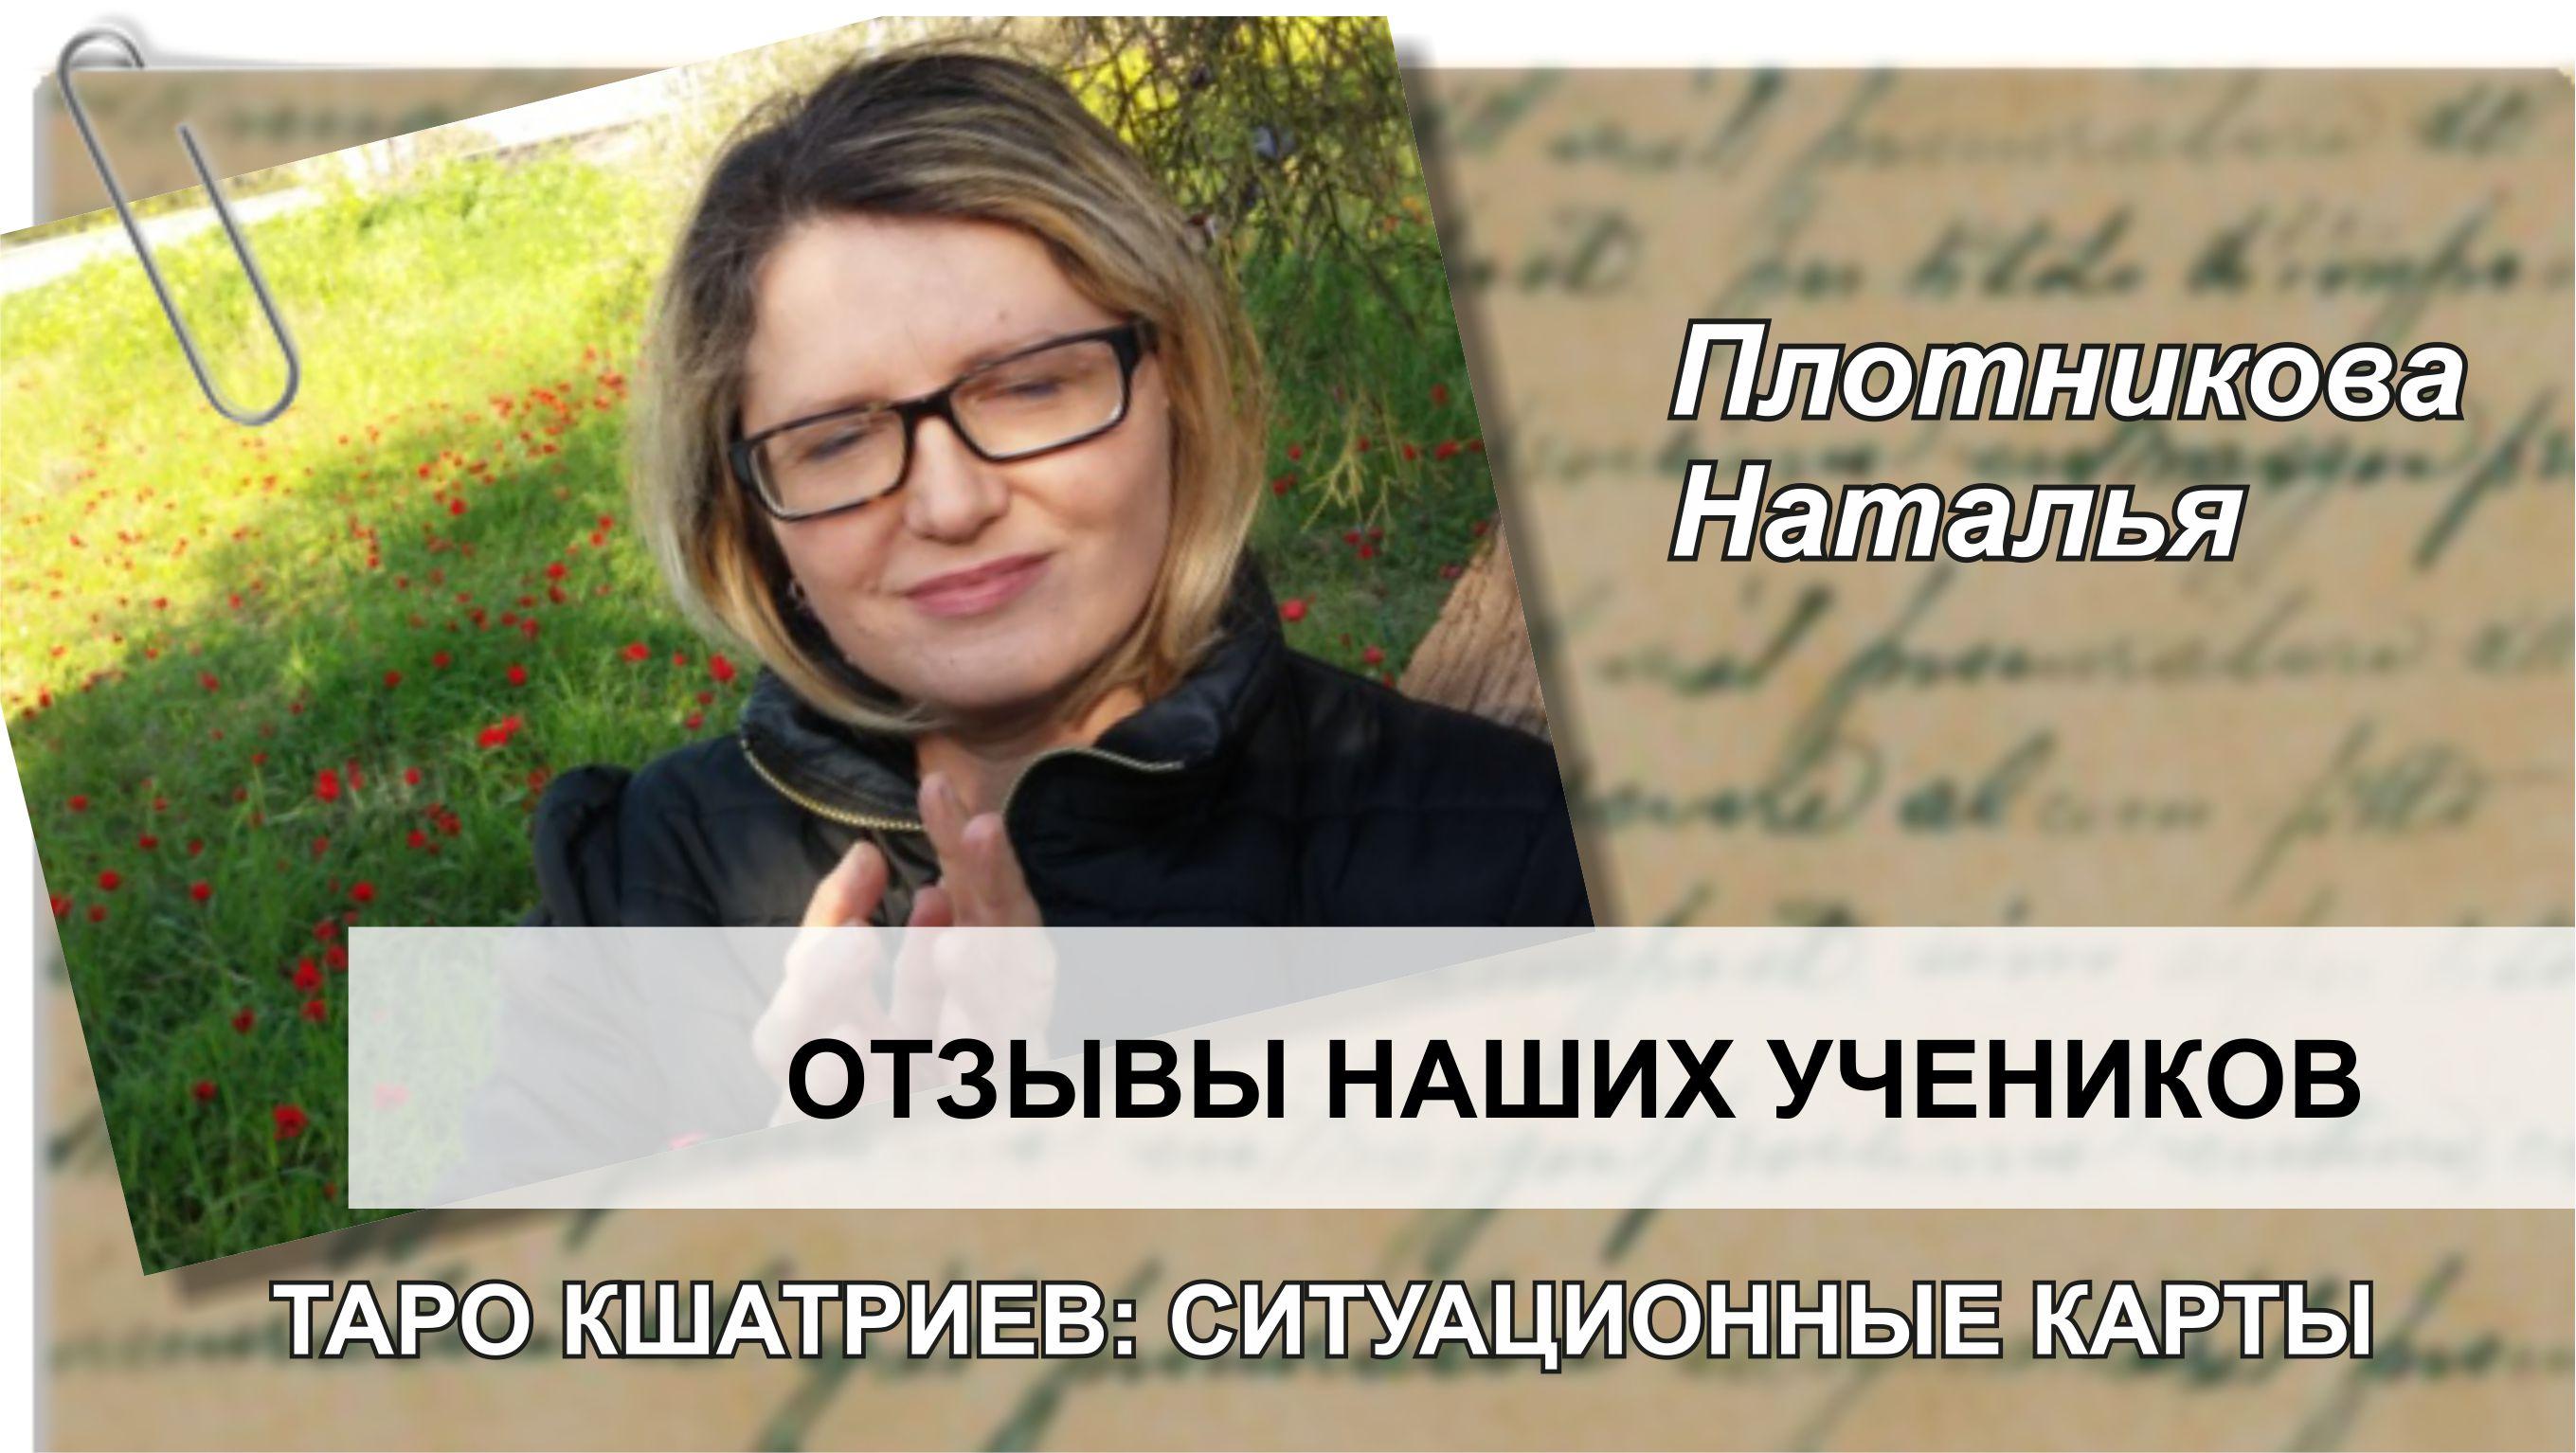 Суменко Екатерина отзыв Таро Кшатриев